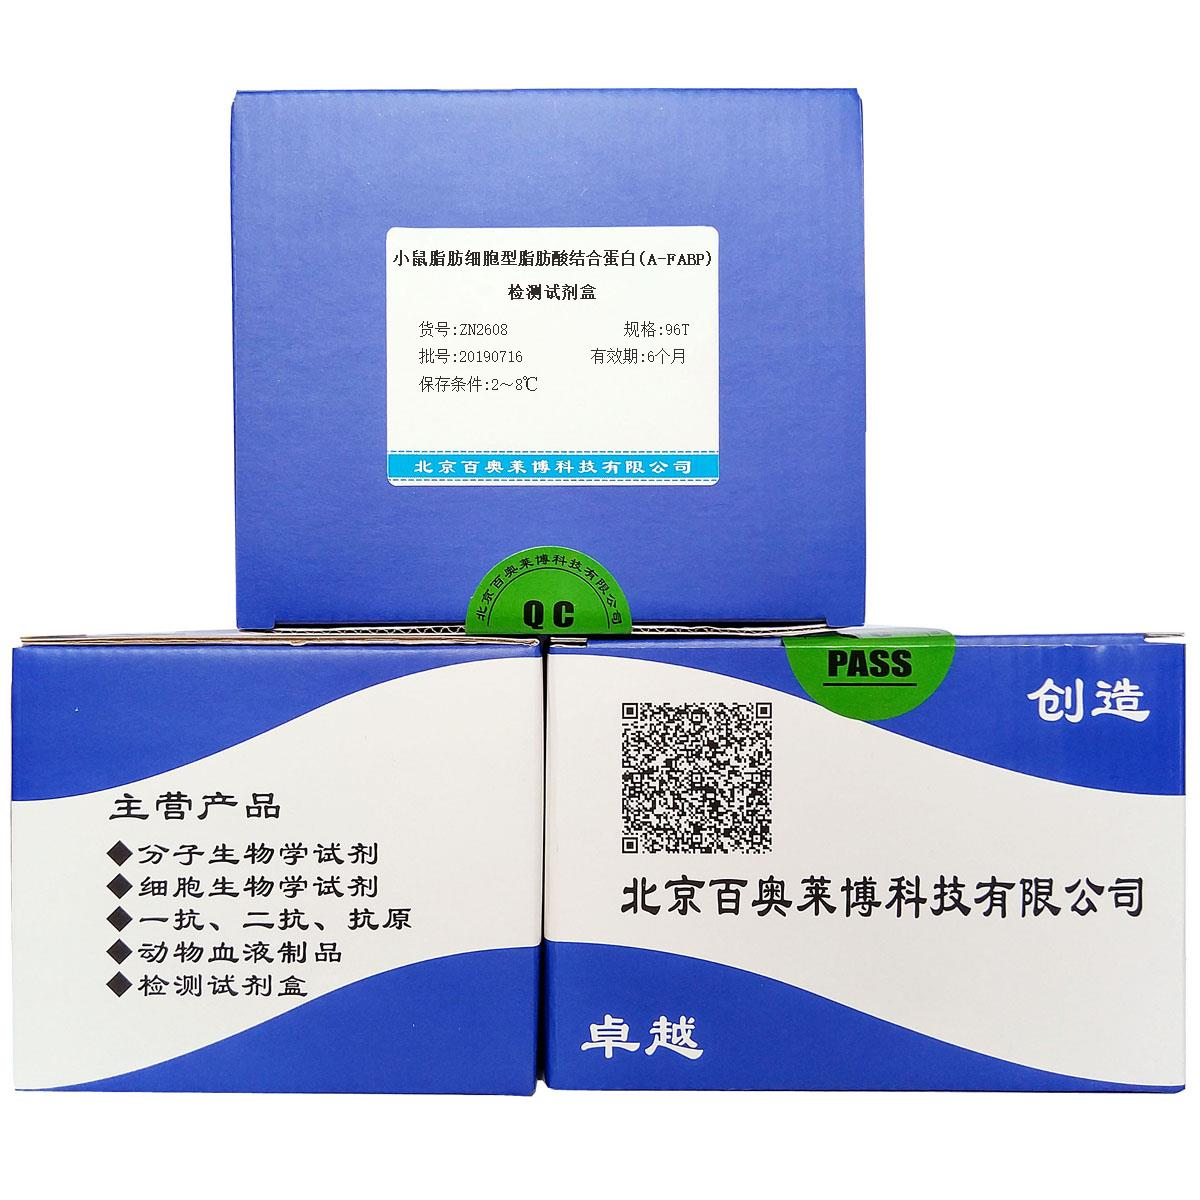 小鼠脂肪细胞型脂肪酸结合蛋白(A-FABP)检测试剂盒